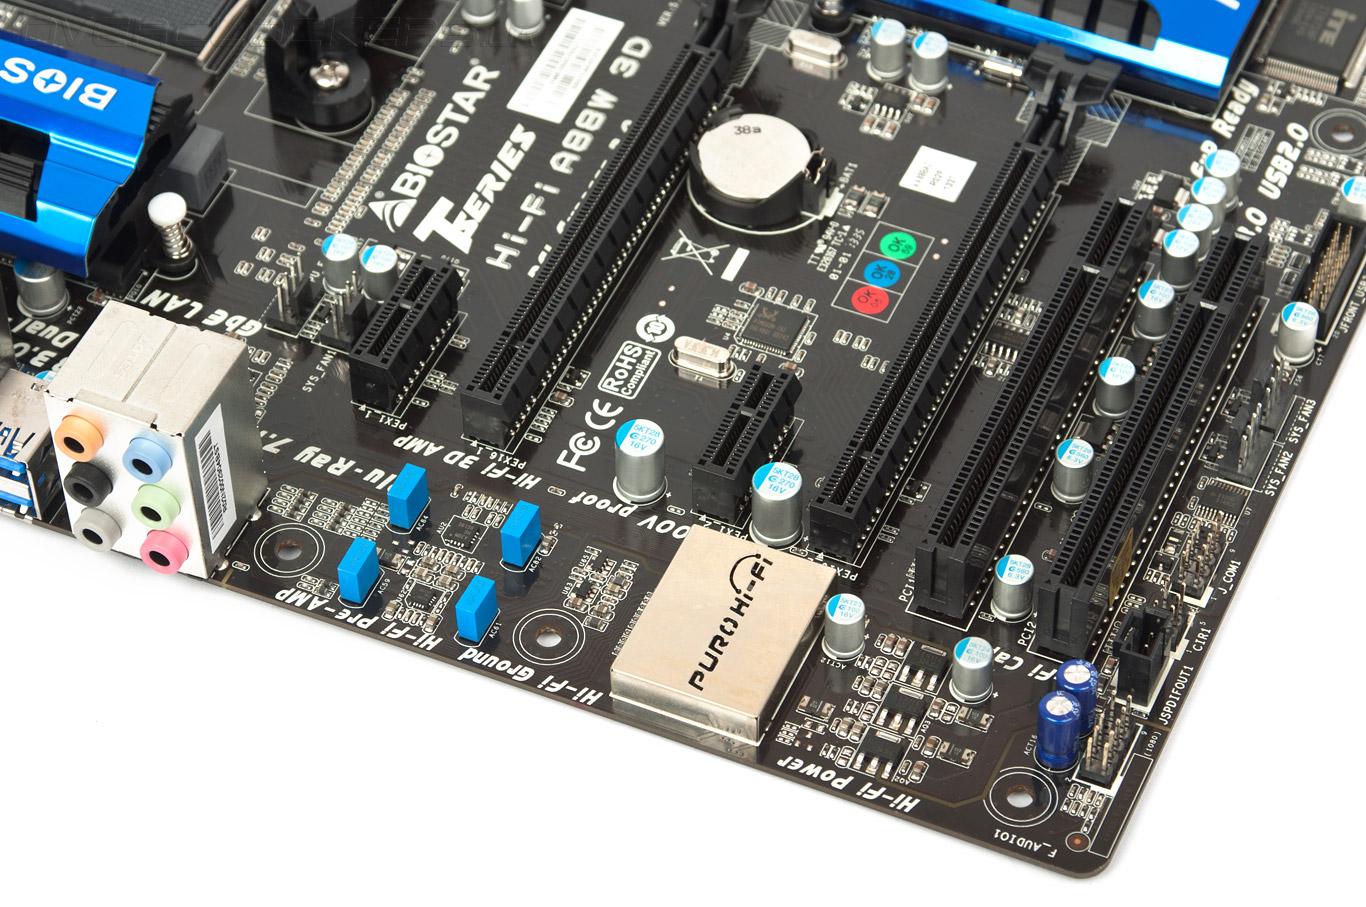 Biostar Hi-Fi A88W 3D Ver. 5.1 64 BIT